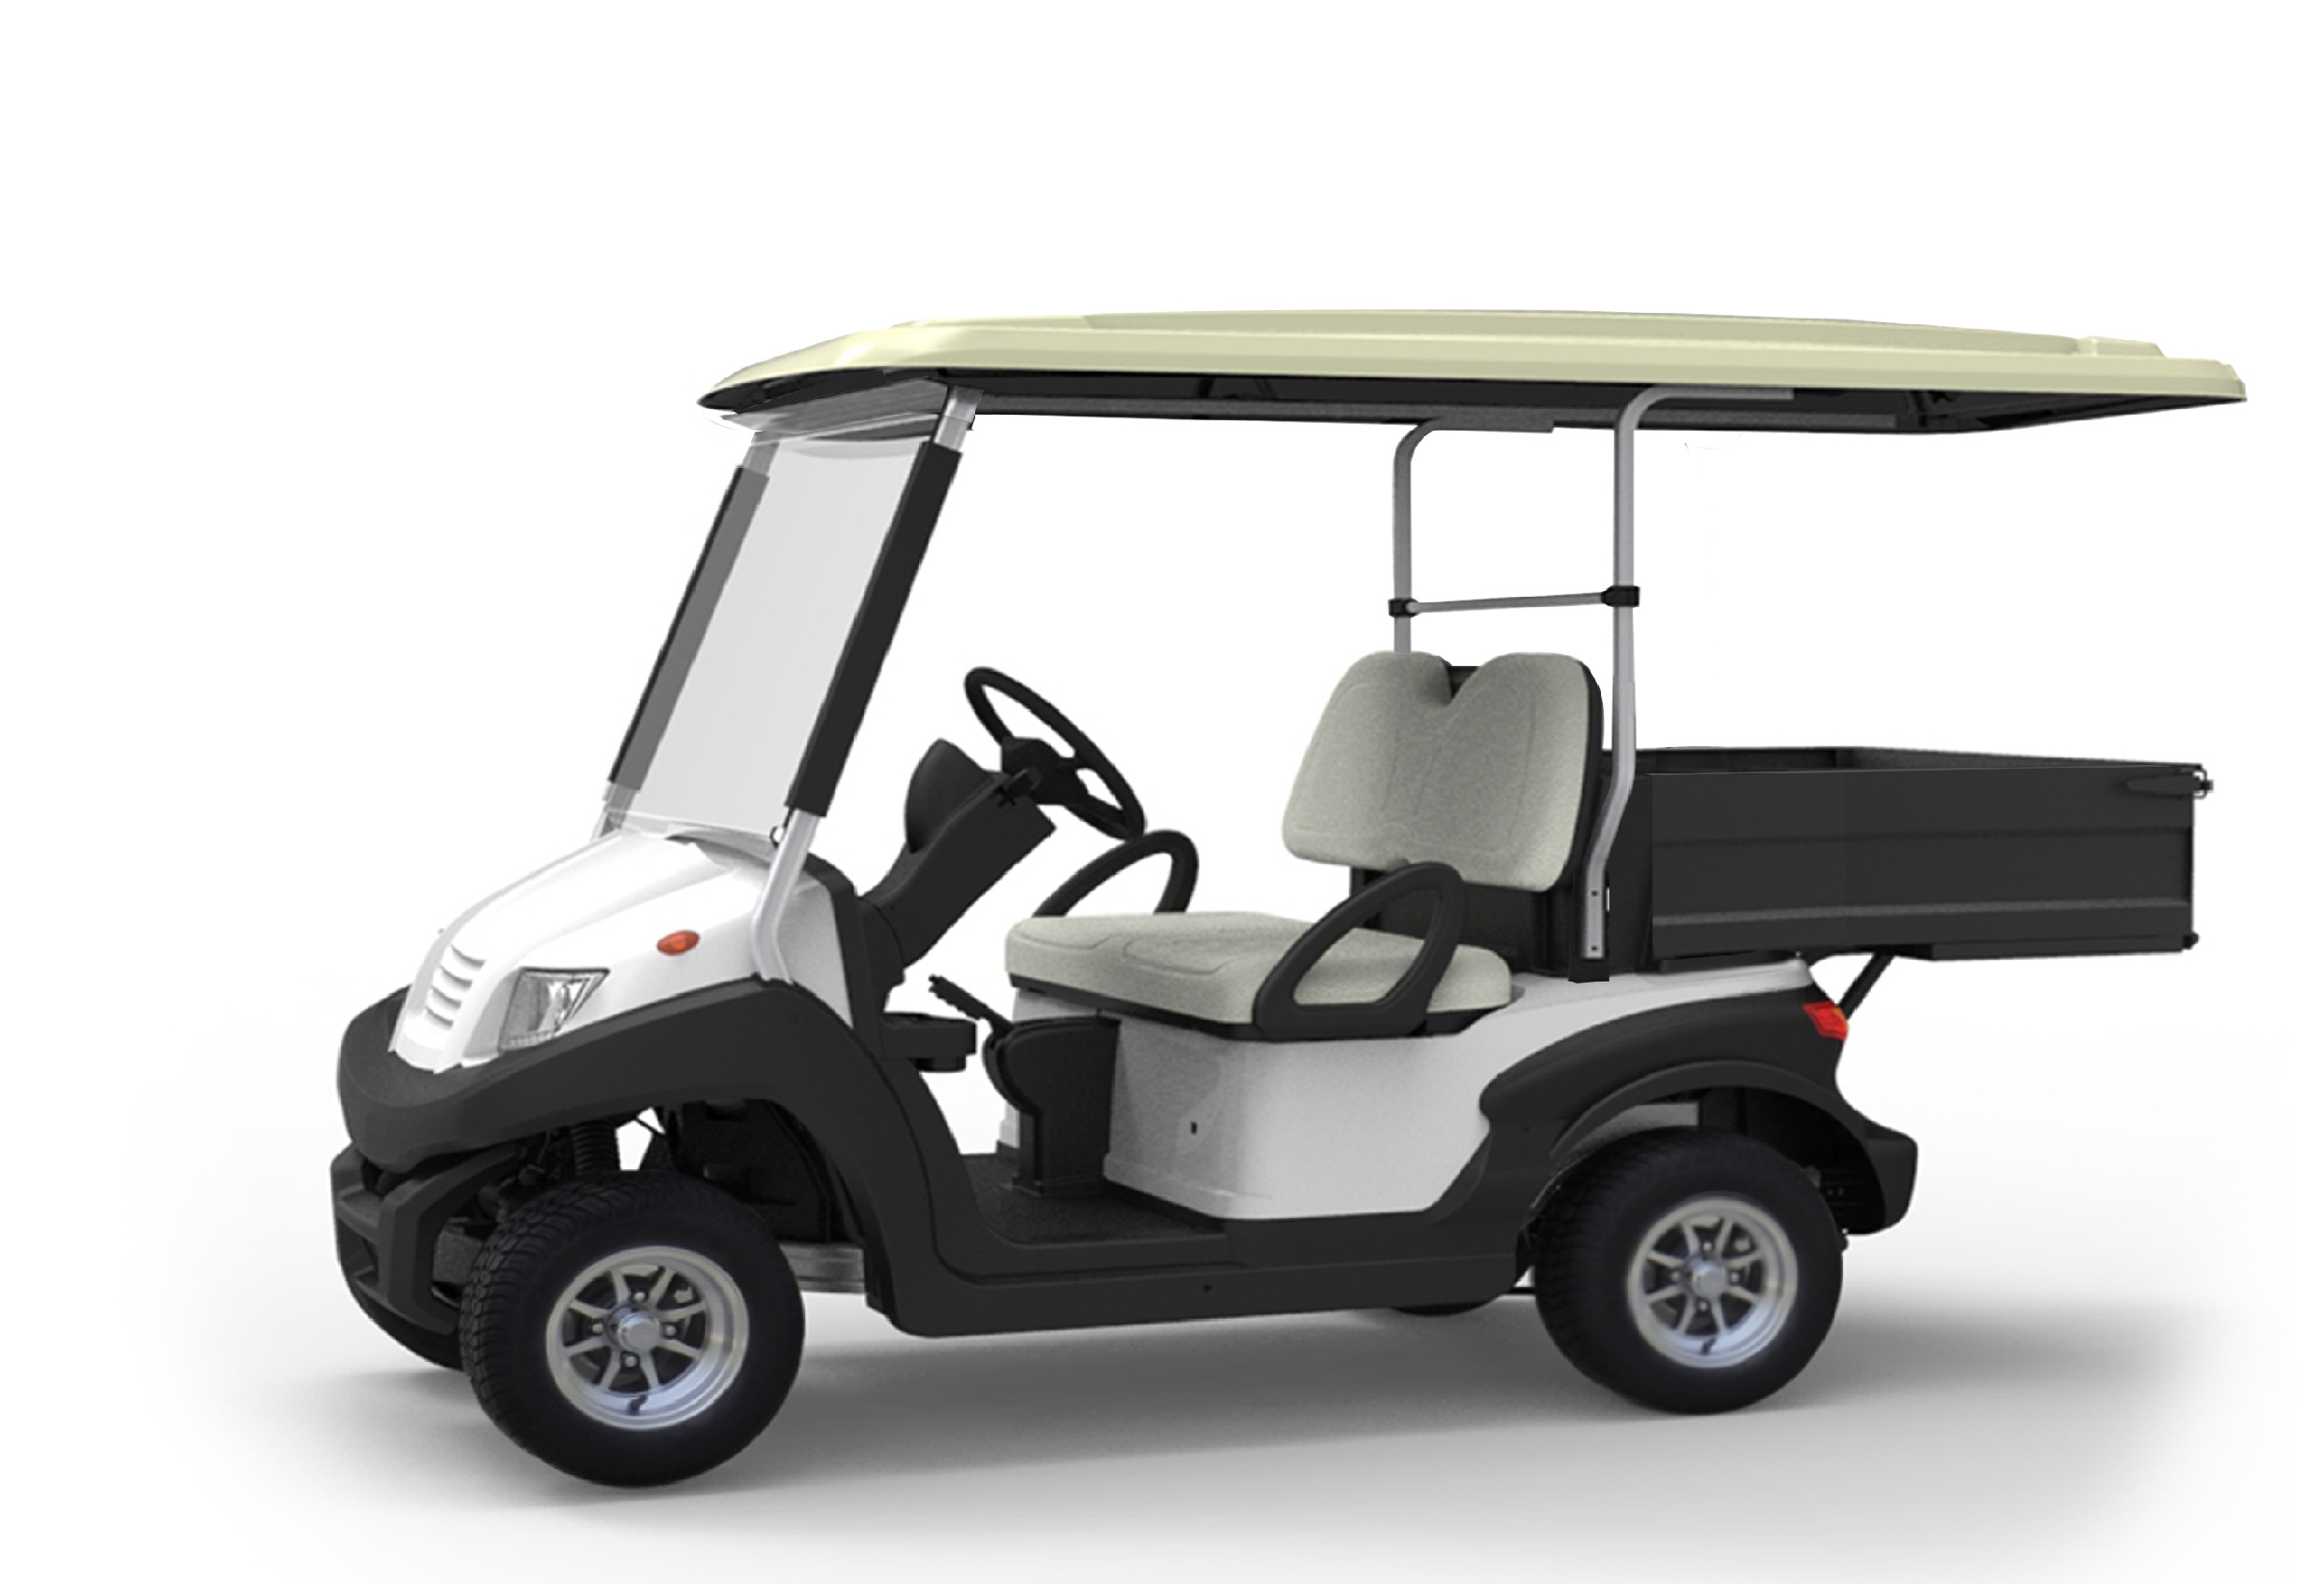 EG202AKSZT utility vehicle